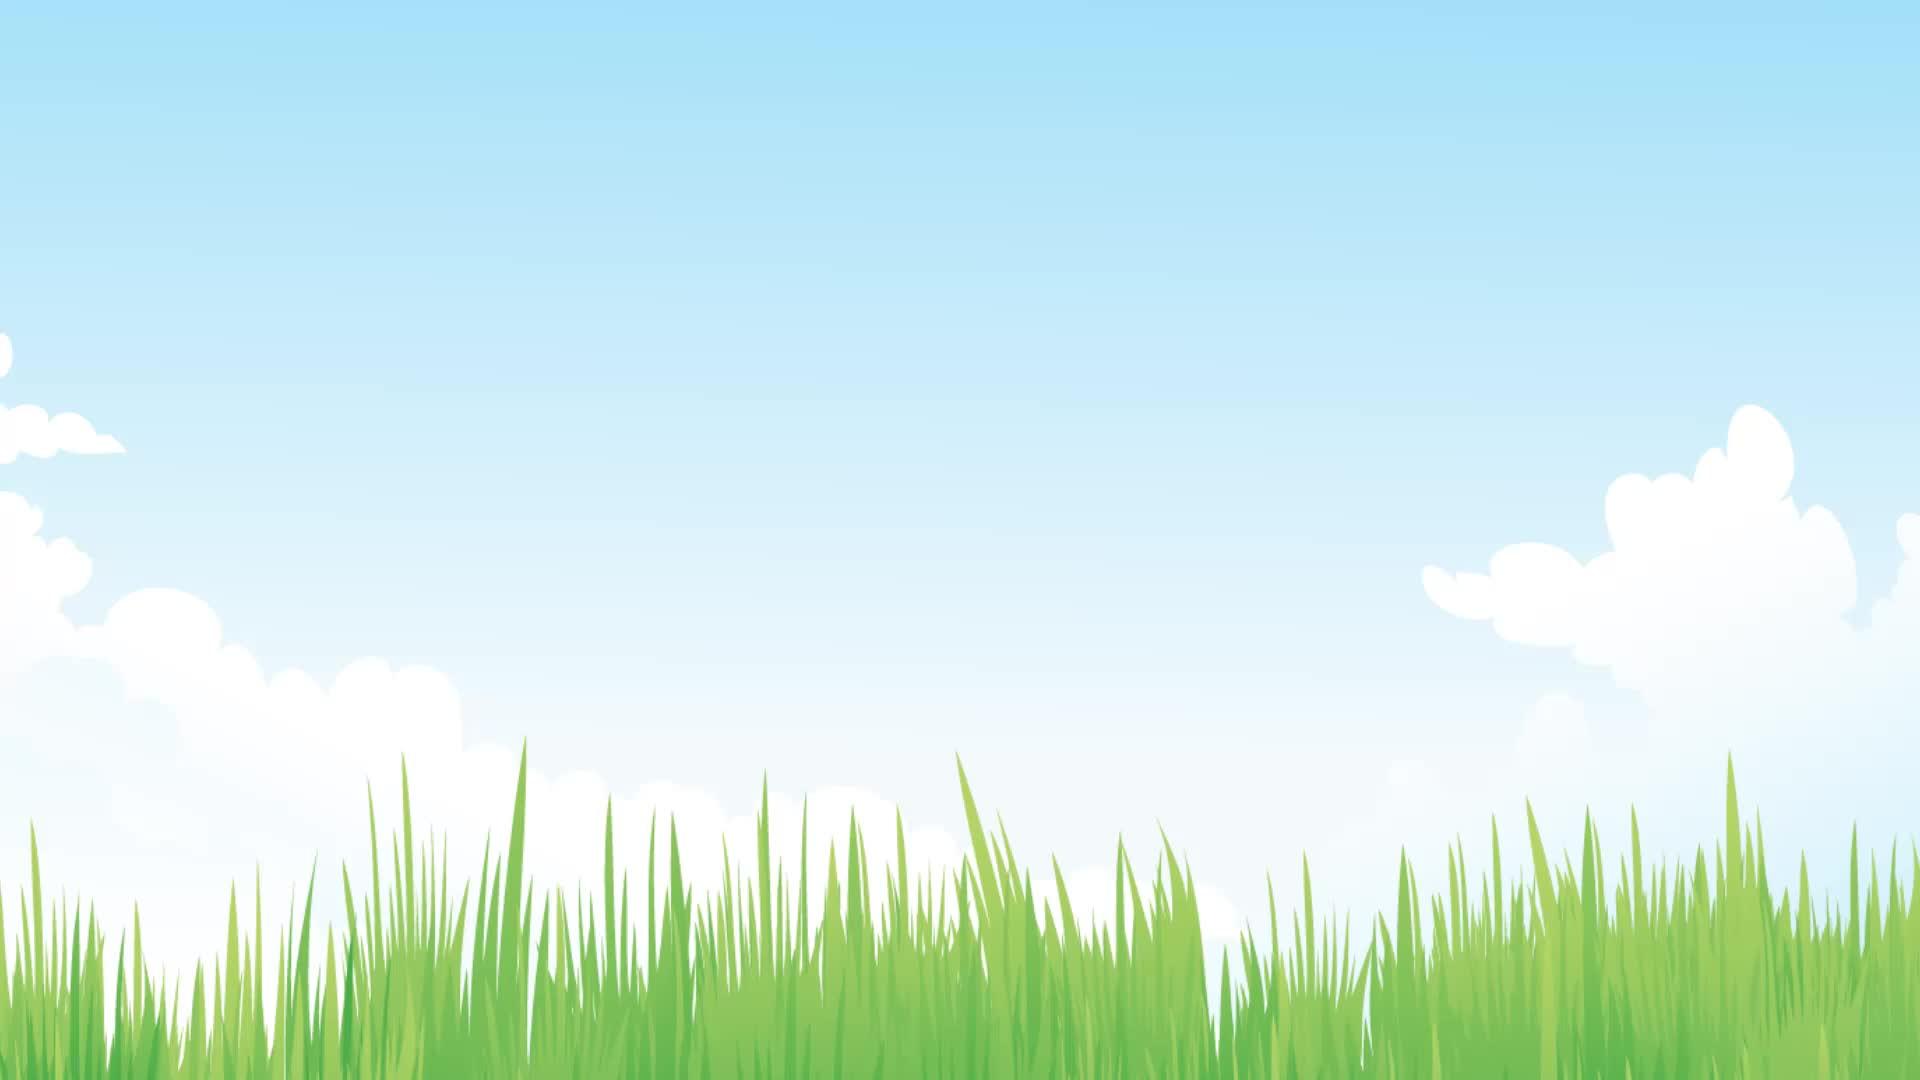 Sea Grass clipart easter grass #9